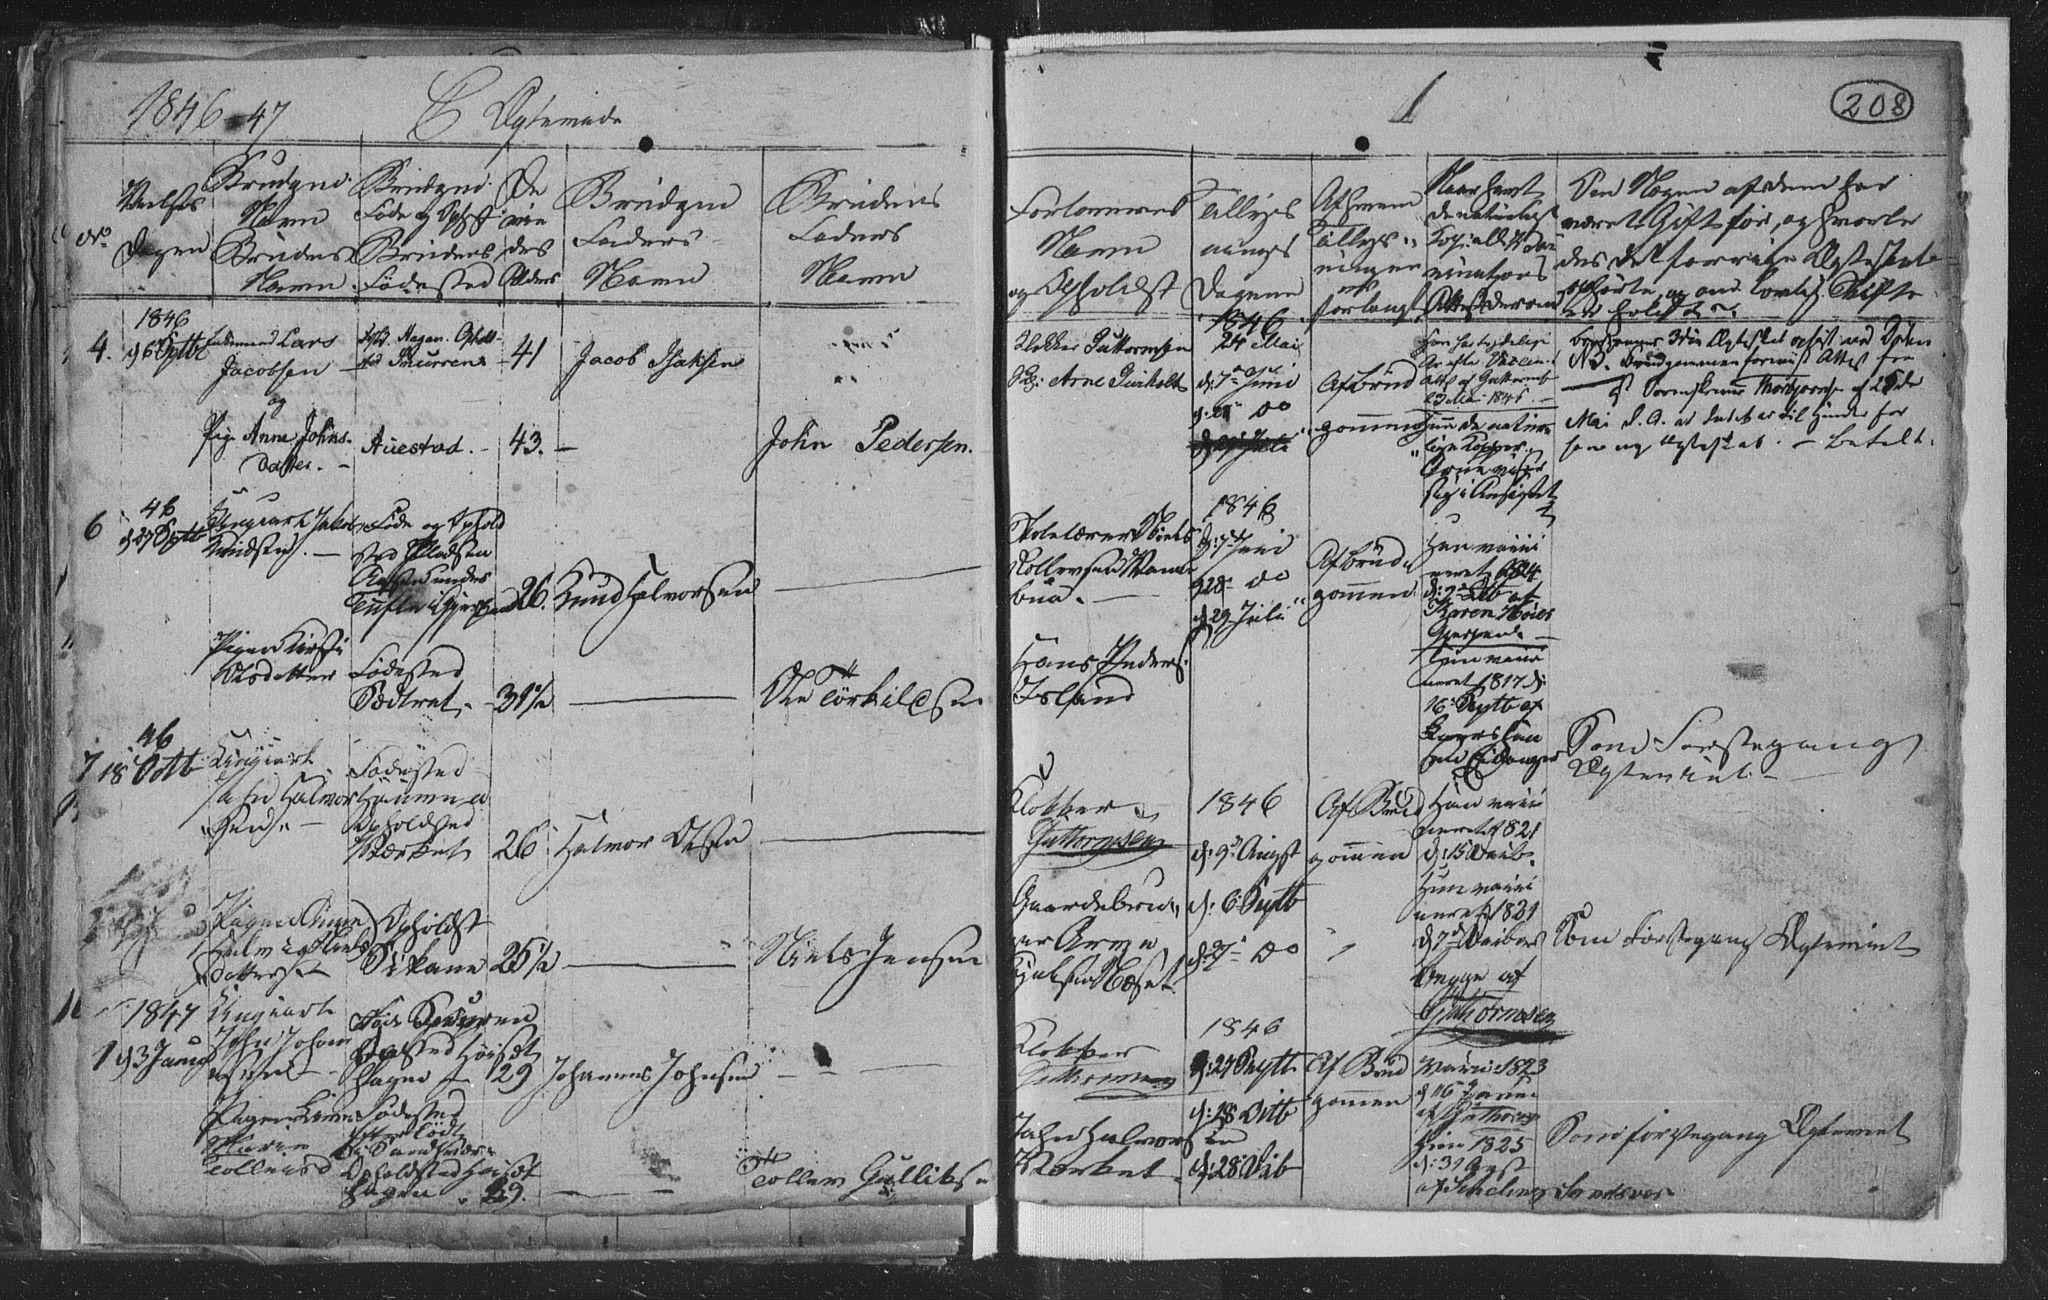 SAKO, Siljan kirkebøker, G/Ga/L0001: Klokkerbok nr. 1, 1827-1847, s. 208